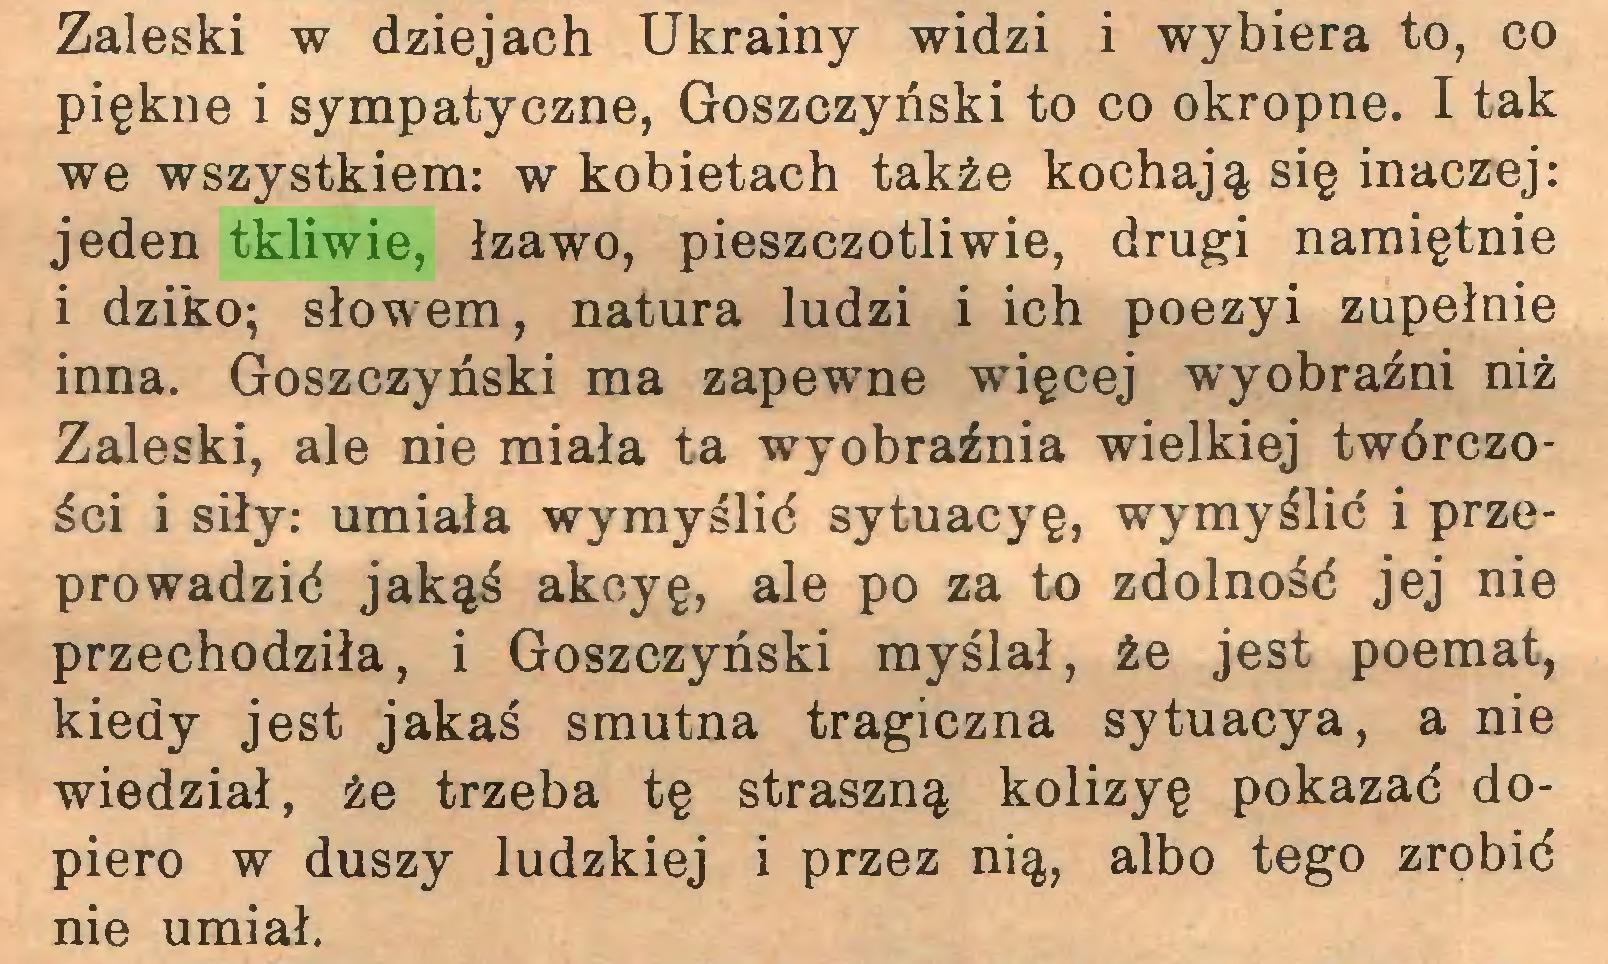 (...) Zaleski w dziejach Ukrainy widzi i wybiera to, co piękne i sympatyczne, Goszczyński to co okropne. I tak we wszystkiem: w kobietach także kochają się inaczej: jeden tkliwie, łzawo, pieszczotliwie, drugi namiętnie 1 dziko; słowem, natura ludzi i ich poezyi zupełnie inna. Goszczyński ma zapewne więcej wyobraźni niż Zaleski, ale nie miała ta wyobraźnia wielkiej twórczości i siły: umiała wymyślić sytuacyę, wymyślić i przeprowadzić jakąś akeyę, ale po za to zdolność jej nie przechodziła, i Goszczyński myślał, że jest poemat, kiedy jest jakaś smutna tragiczna sytuacya, a nie wiedział, że trzeba tę straszną kolizyę pokazać dopiero w duszy ludzkiej i przez nią, albo tego zrobić nie umiał...